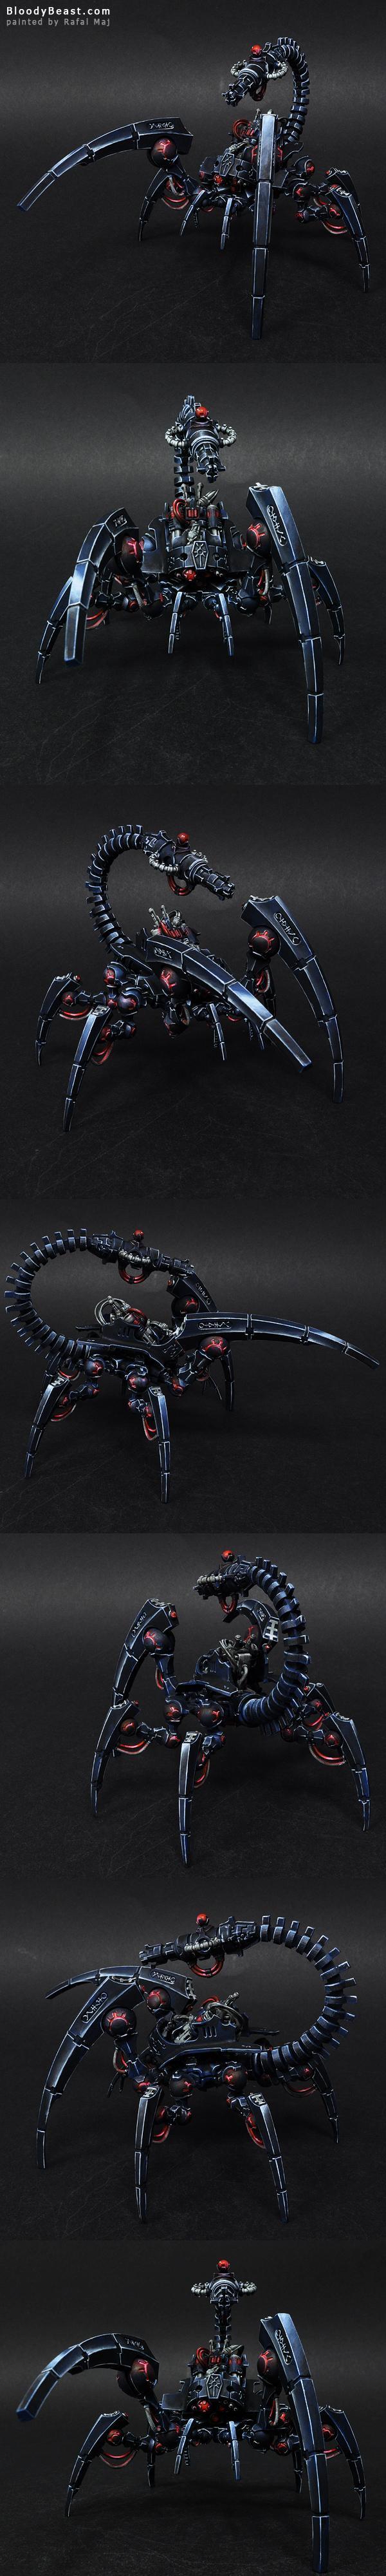 Necrons, Spider, Stalker, Tomb, Triach, Warhammer 40,000